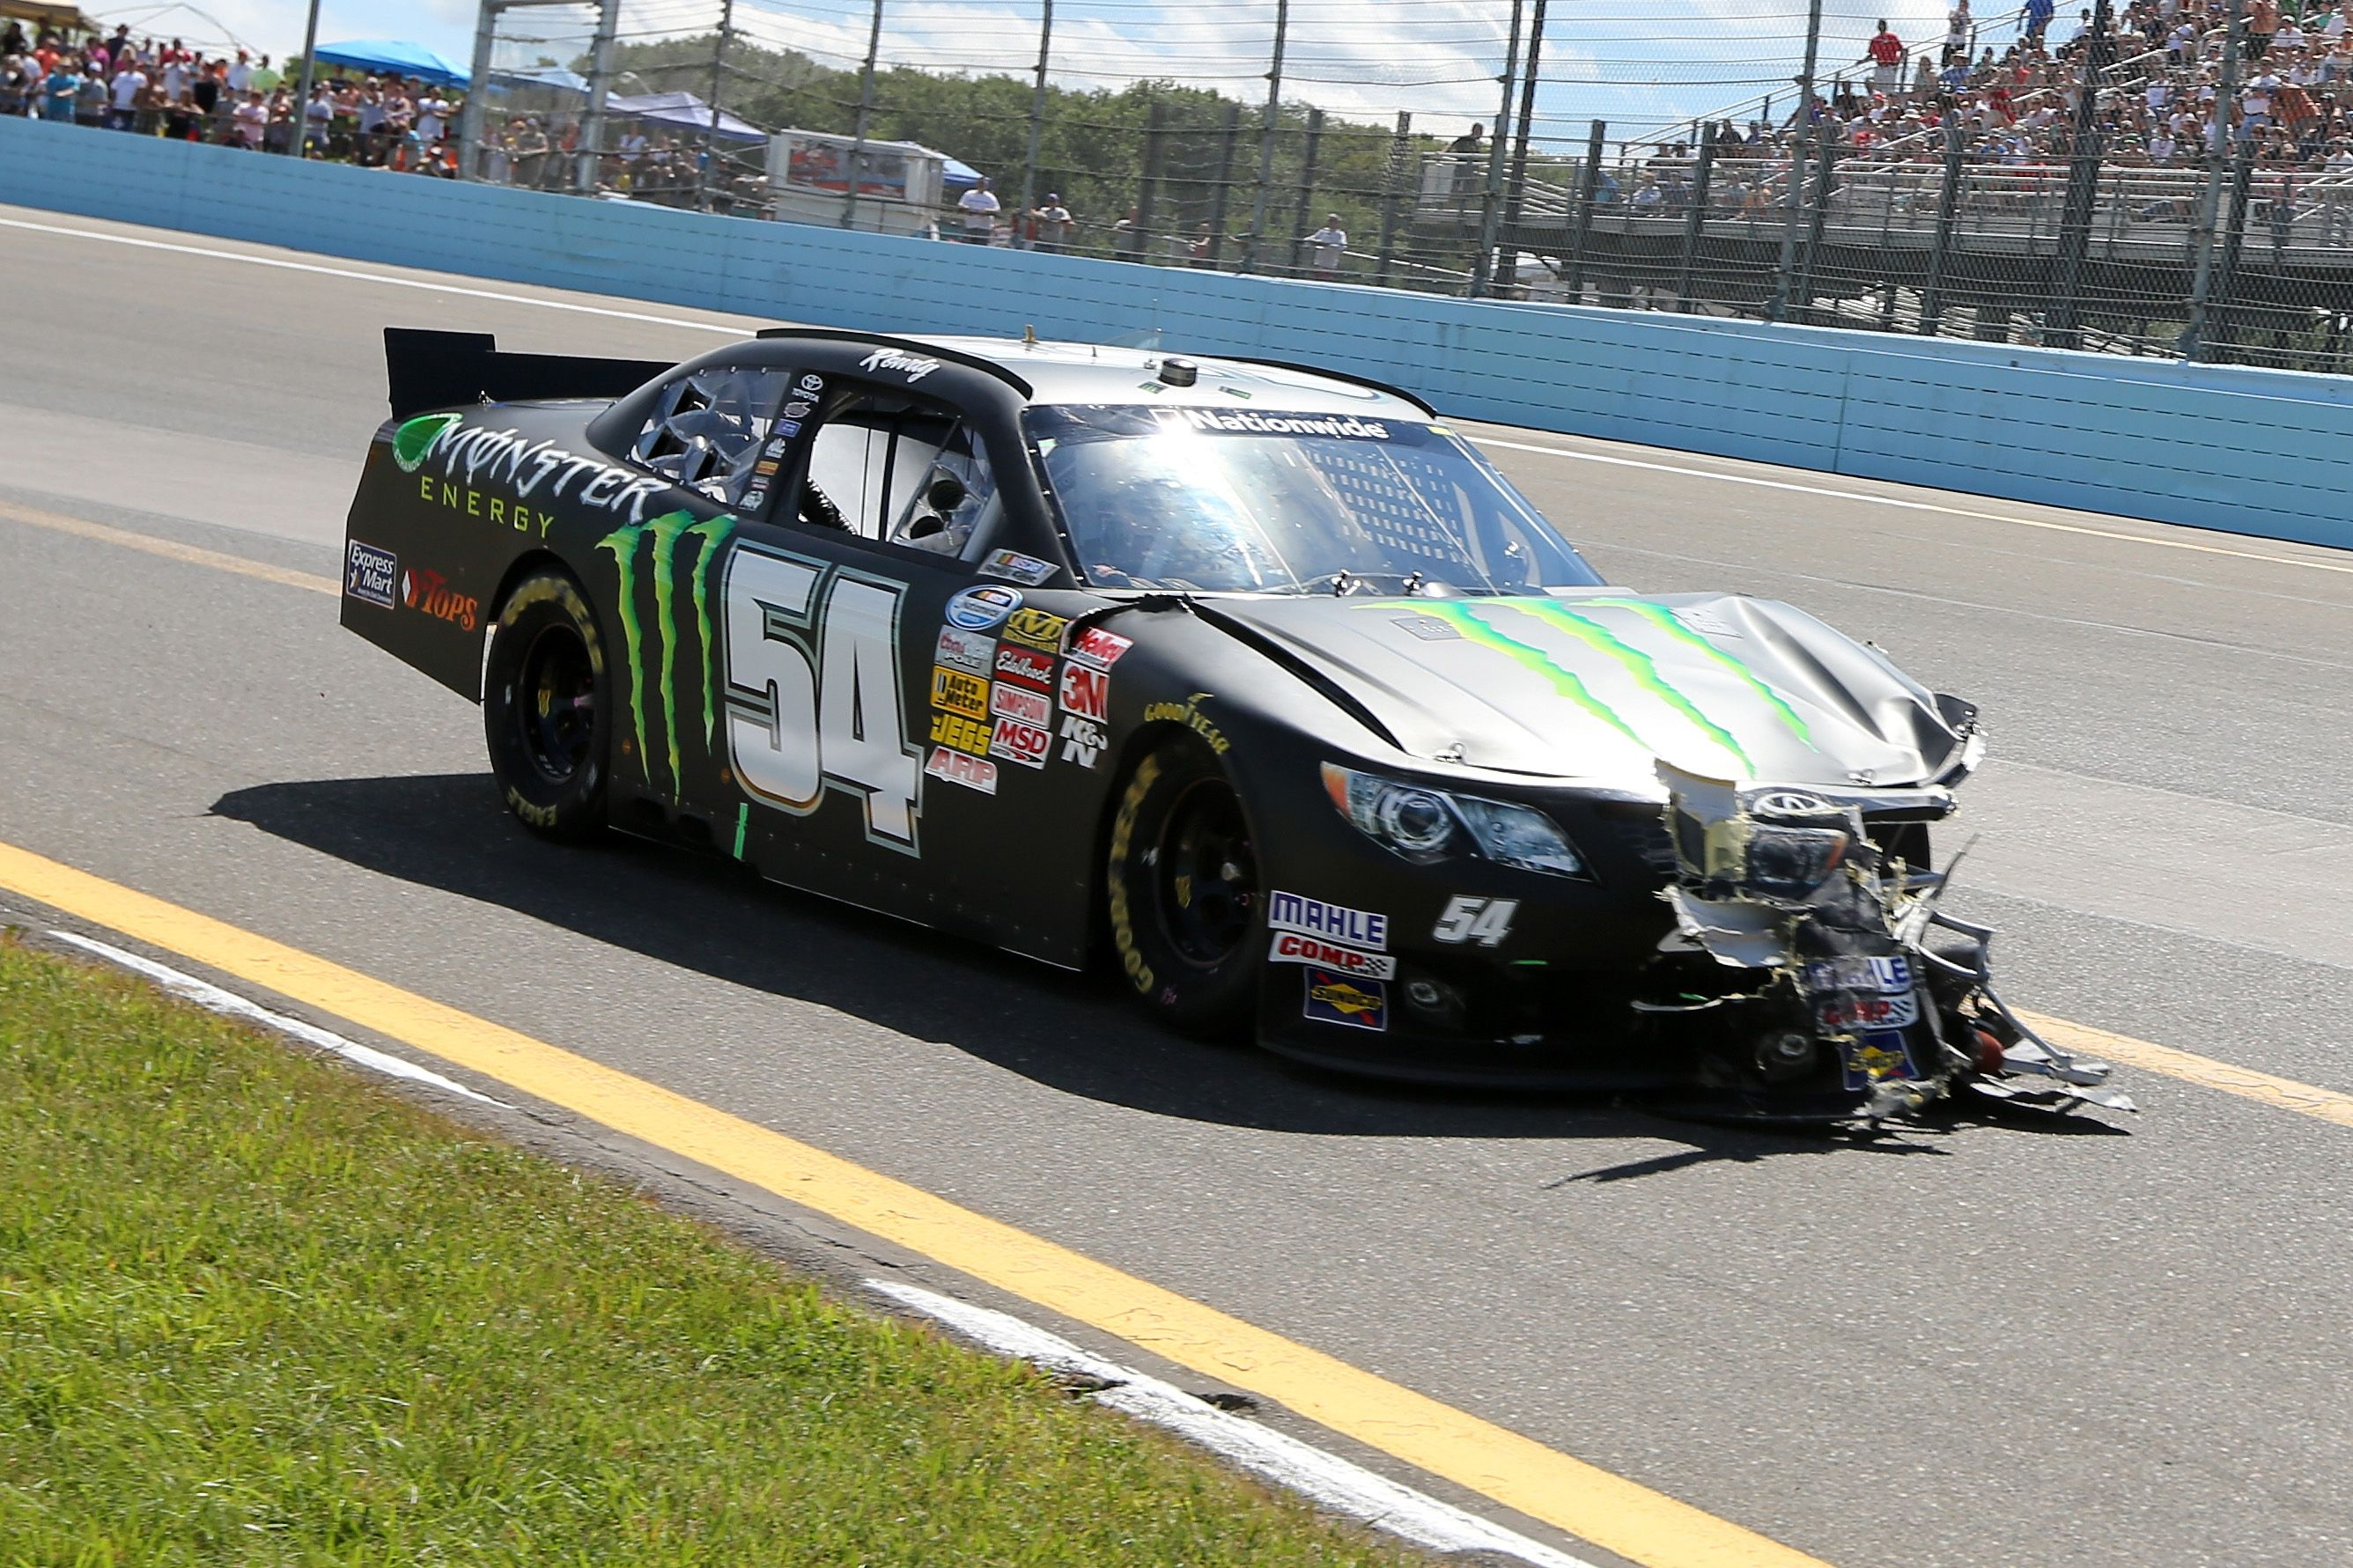 Kyle Busch Wrecks During The First Lap Of The Zippo 200 Hahahahaha Nascar Collectibles Kyle Busch Nascar Racing